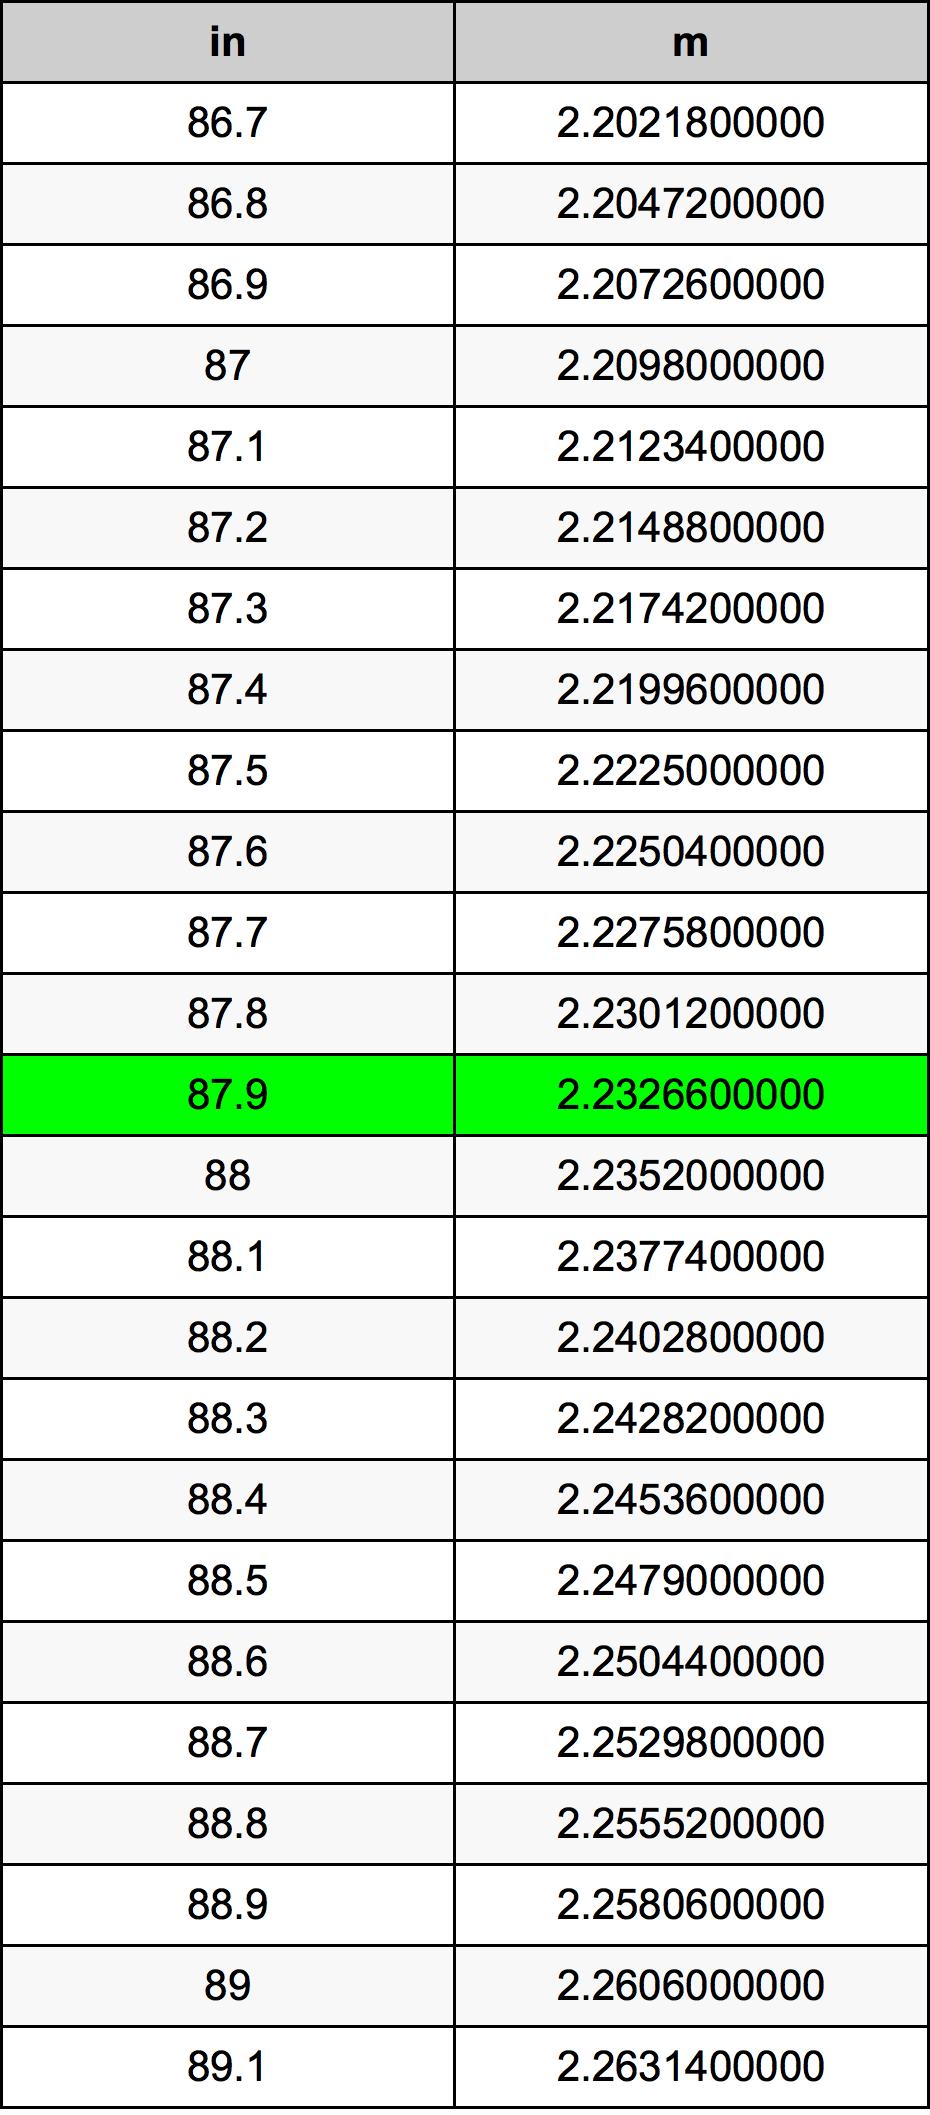 87.9 Pulzier konverżjoni tabella